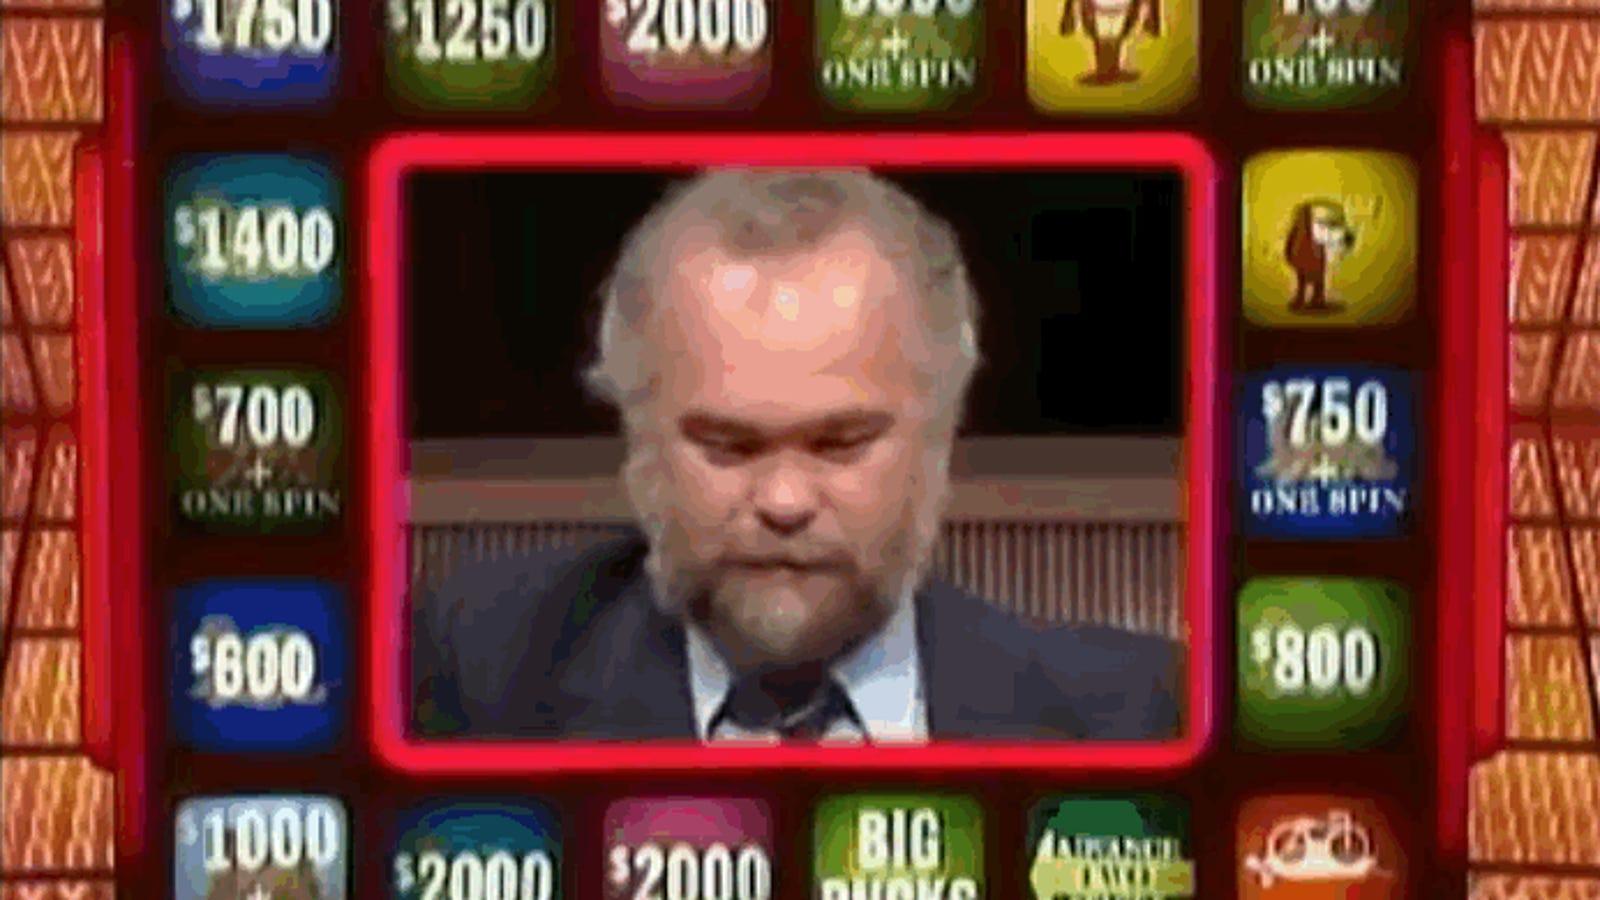 El hombre que ganó un concurso de televisión aprendiendo todas las combinaciones de memoria